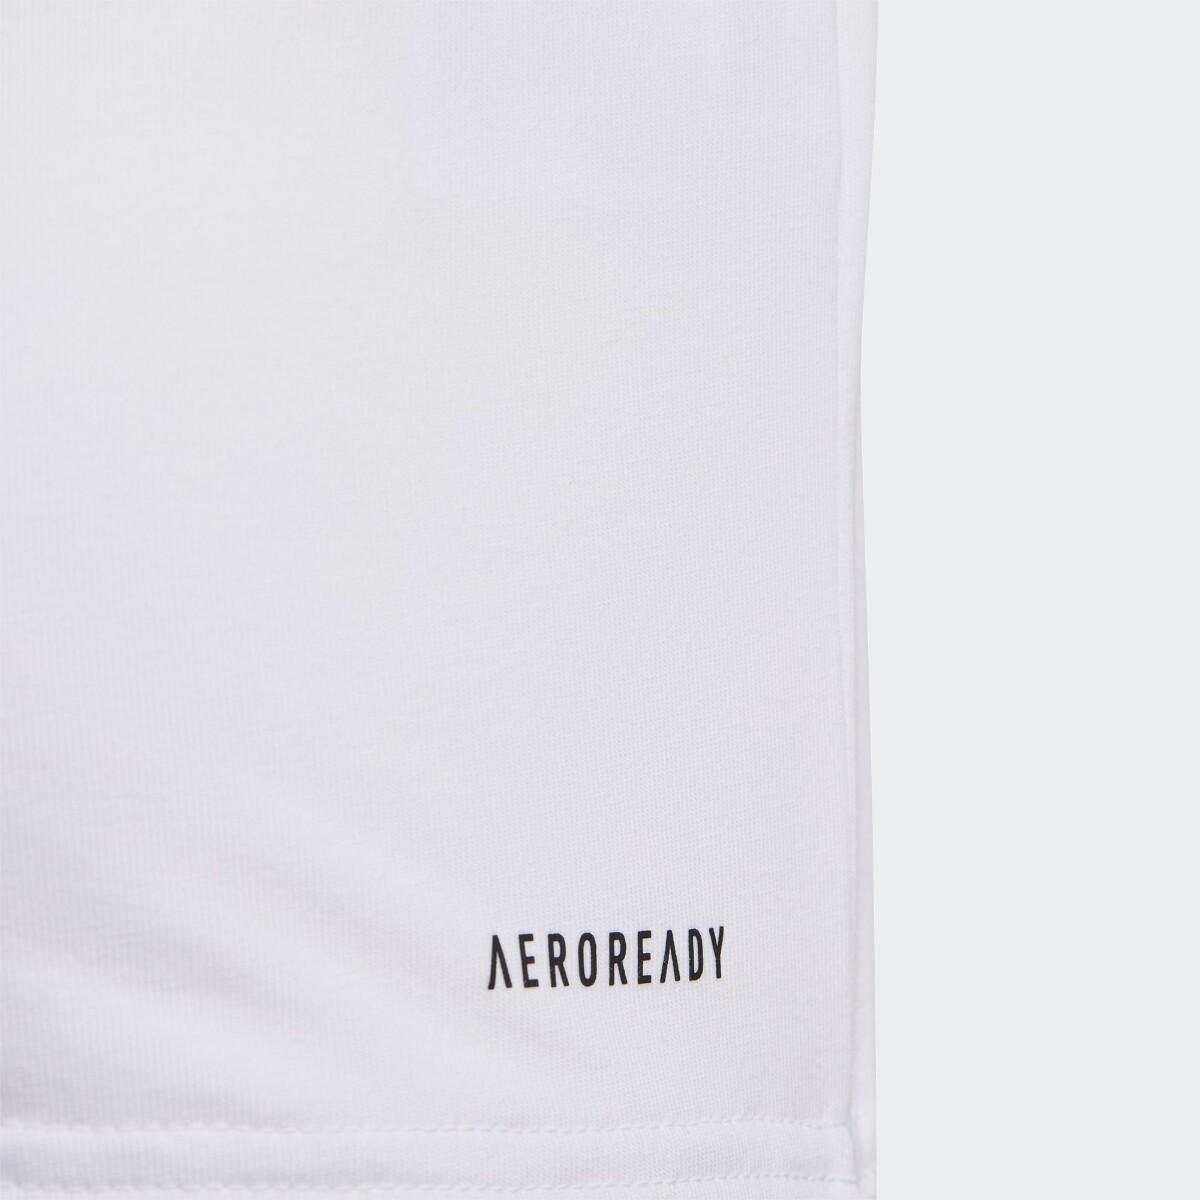 Sort Hvit Adidas LK Brand Sett